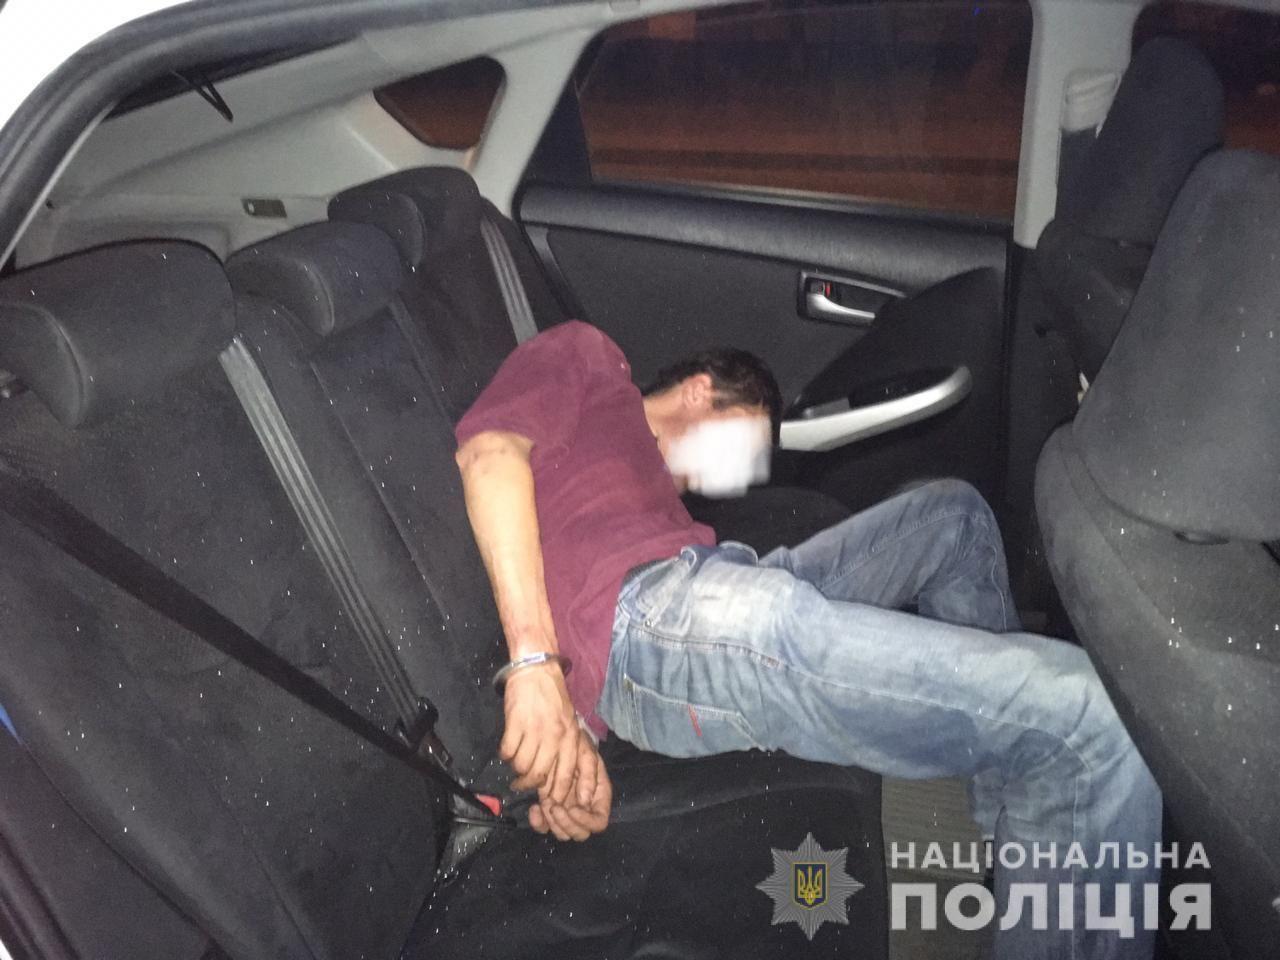 П'яний водій, в автомобілі якого могла вибухнути граната, - не військовий